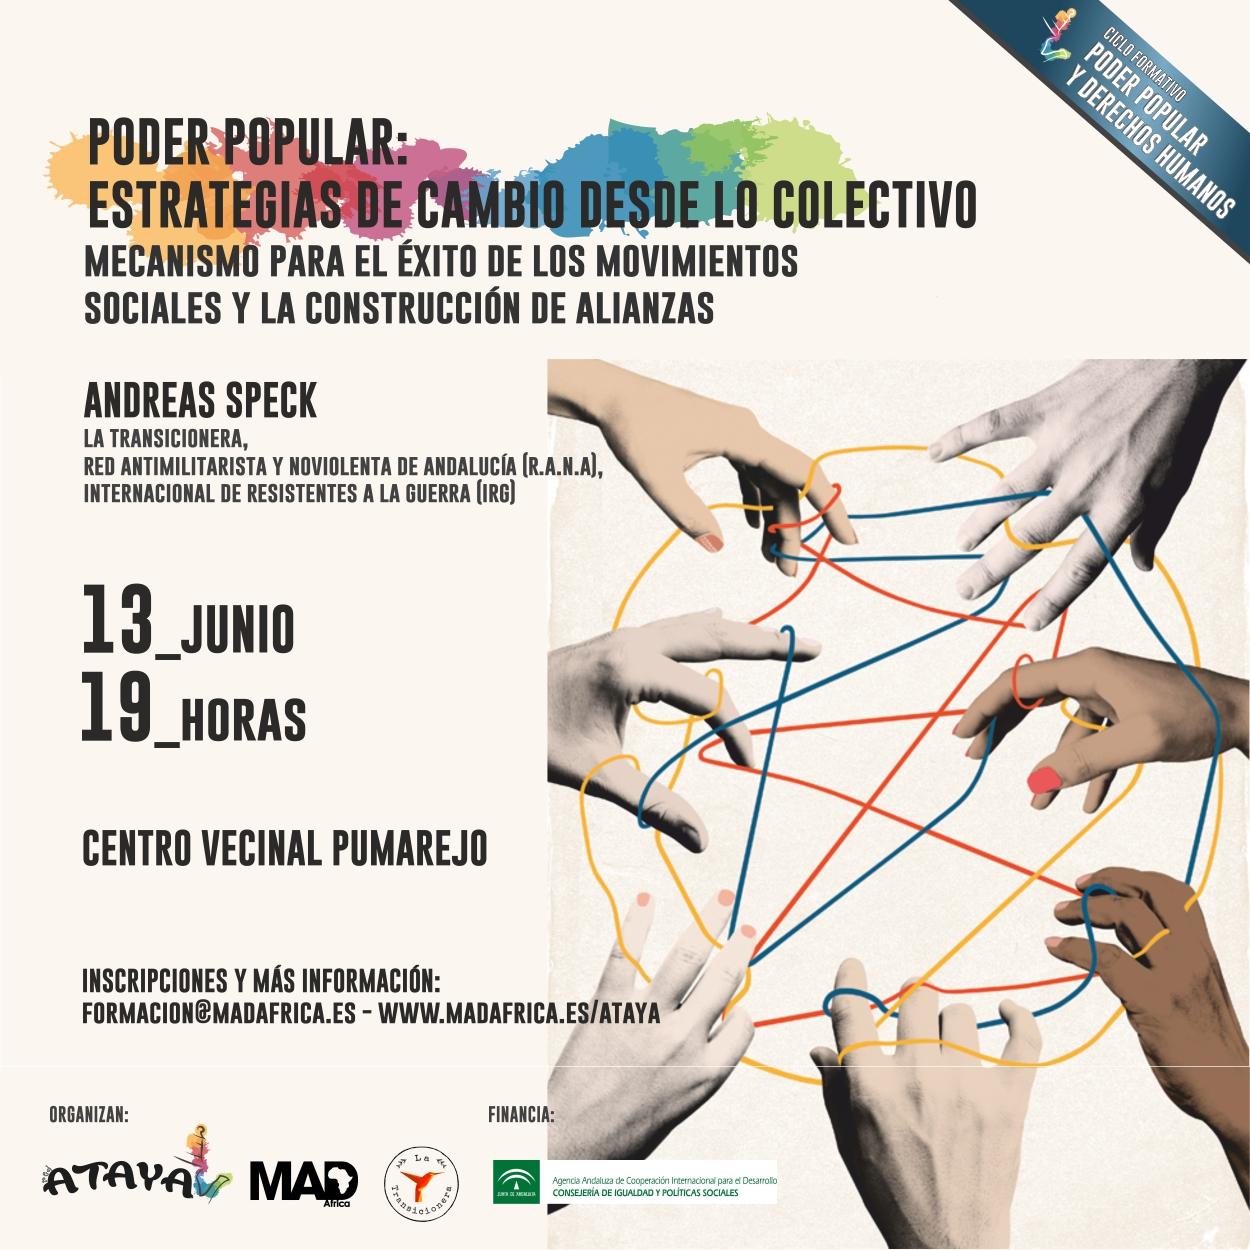 TALLER PODER POPULAR: ESTRATEGIAS DE CAMBIO DESDE LO COLECTIVO